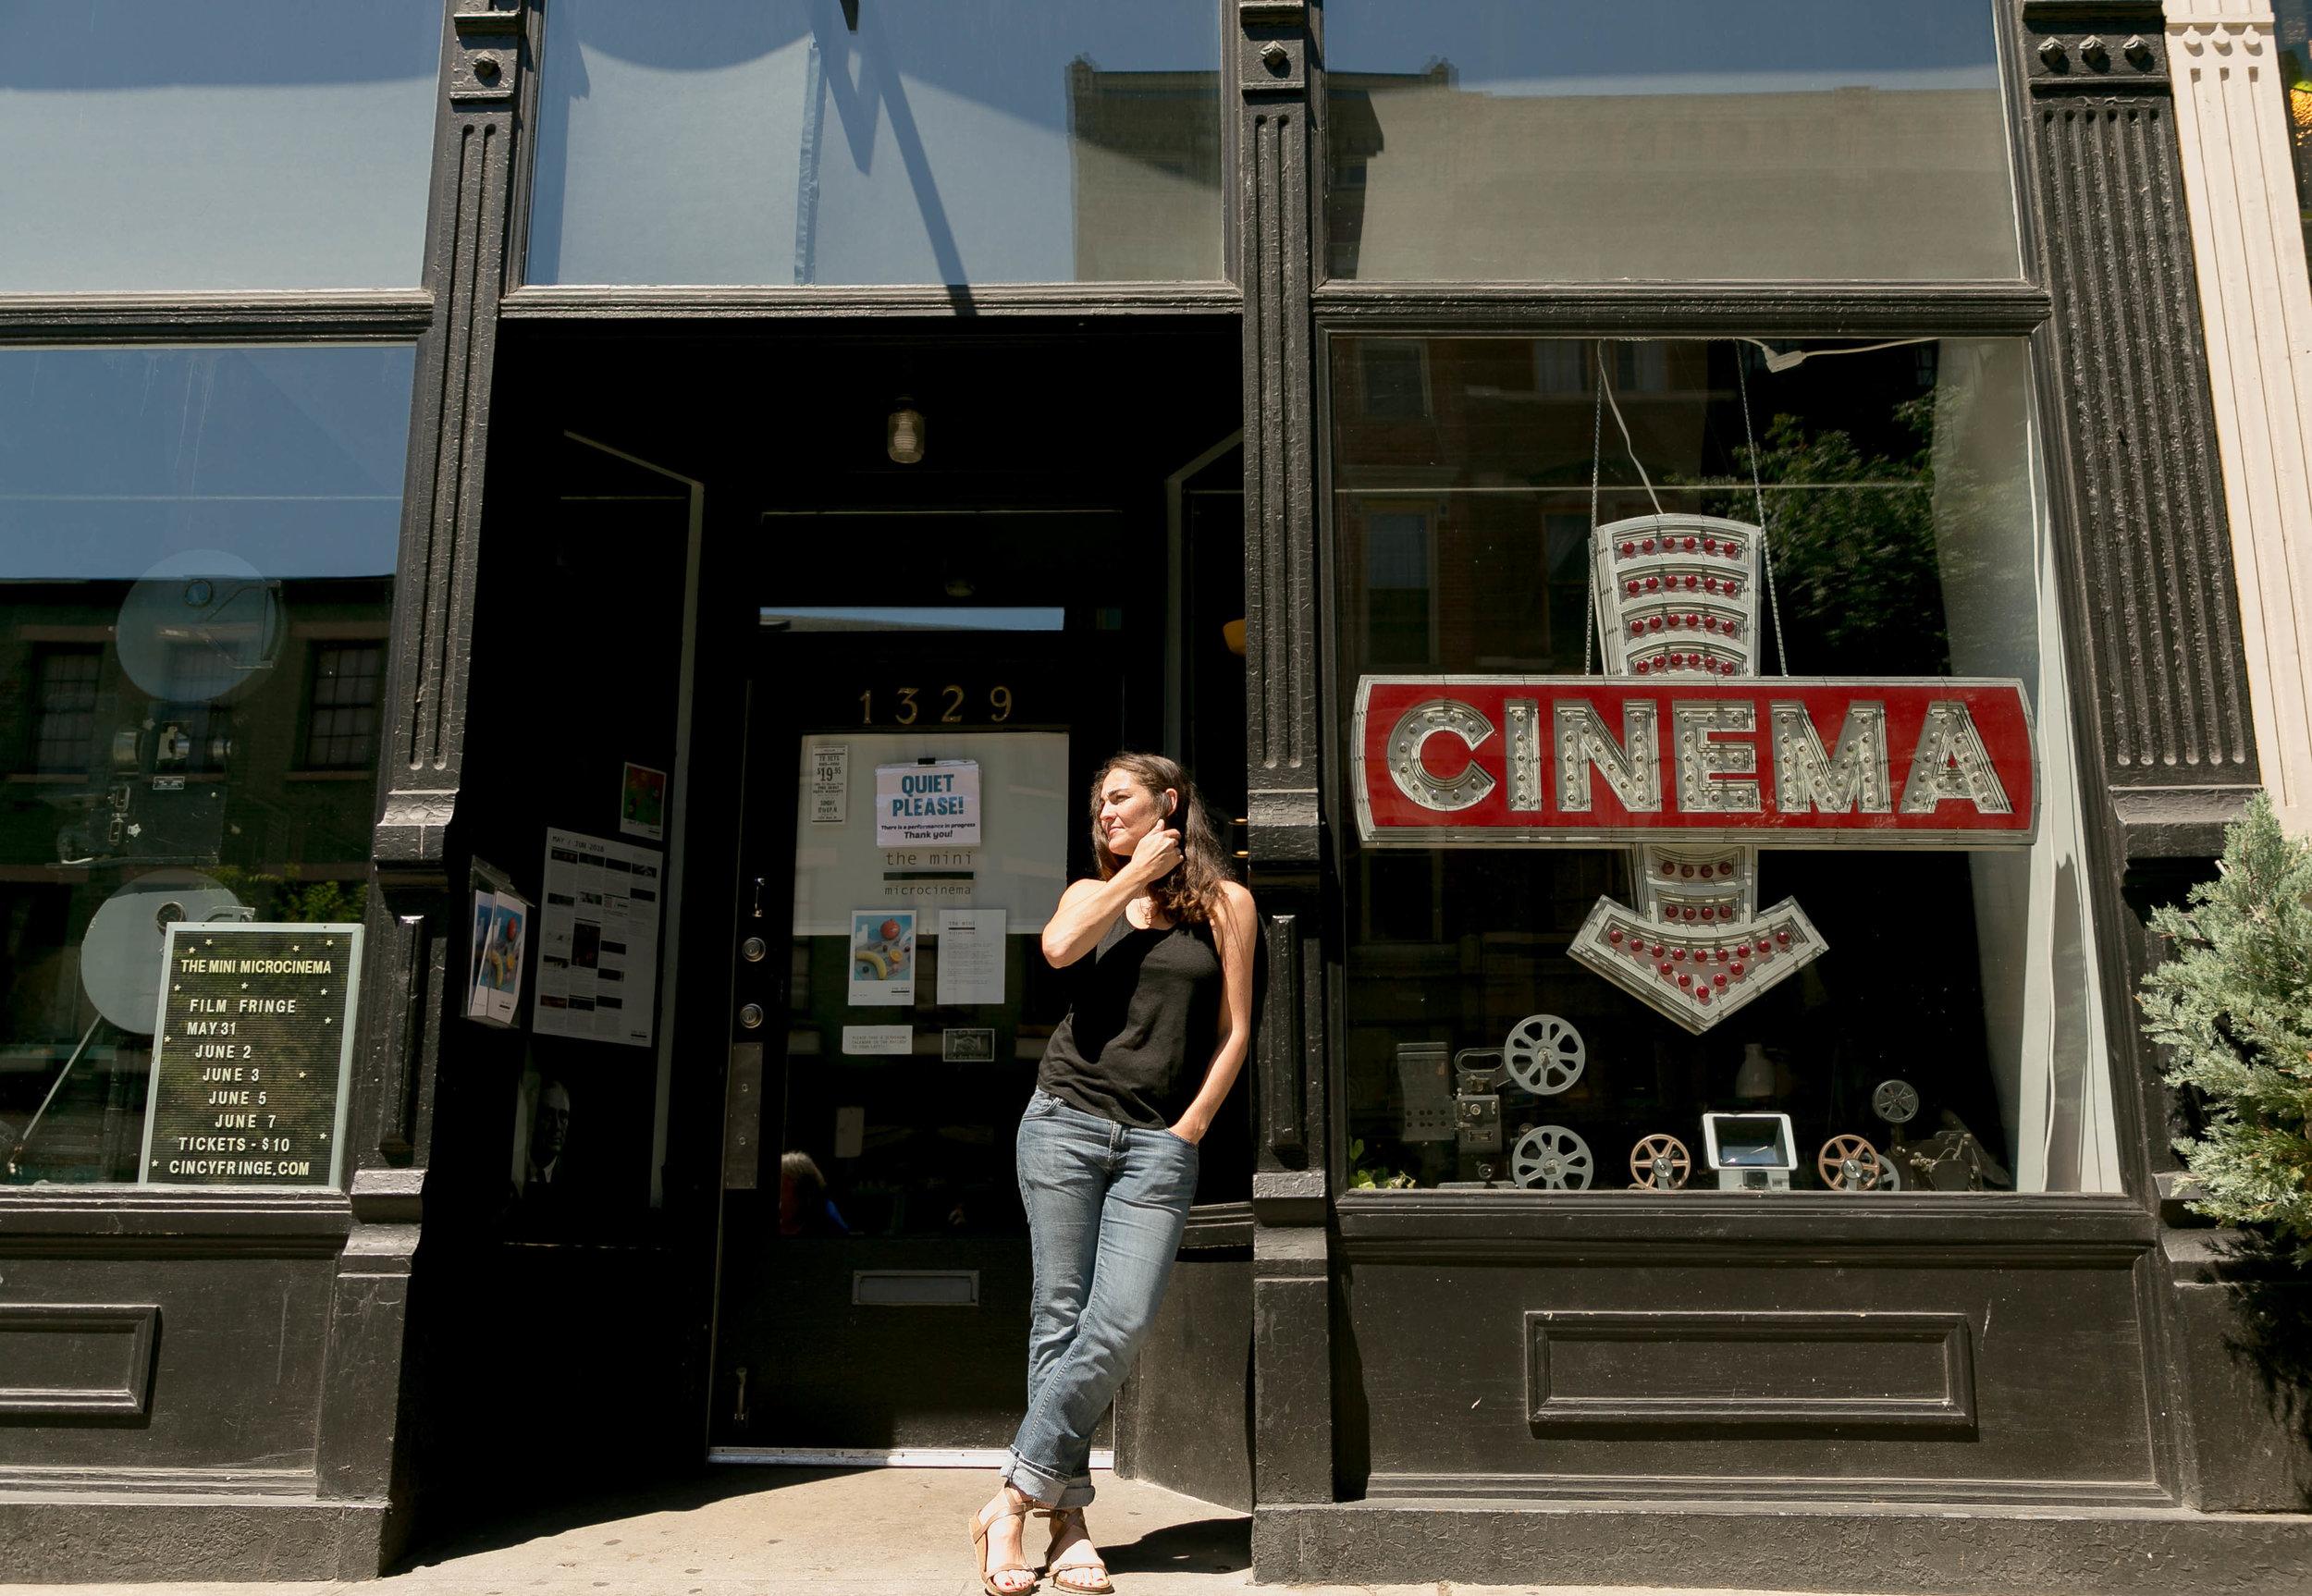 https://www.womenofcincy.org/home/8-female-filmmakers-c-jacqueline-wood